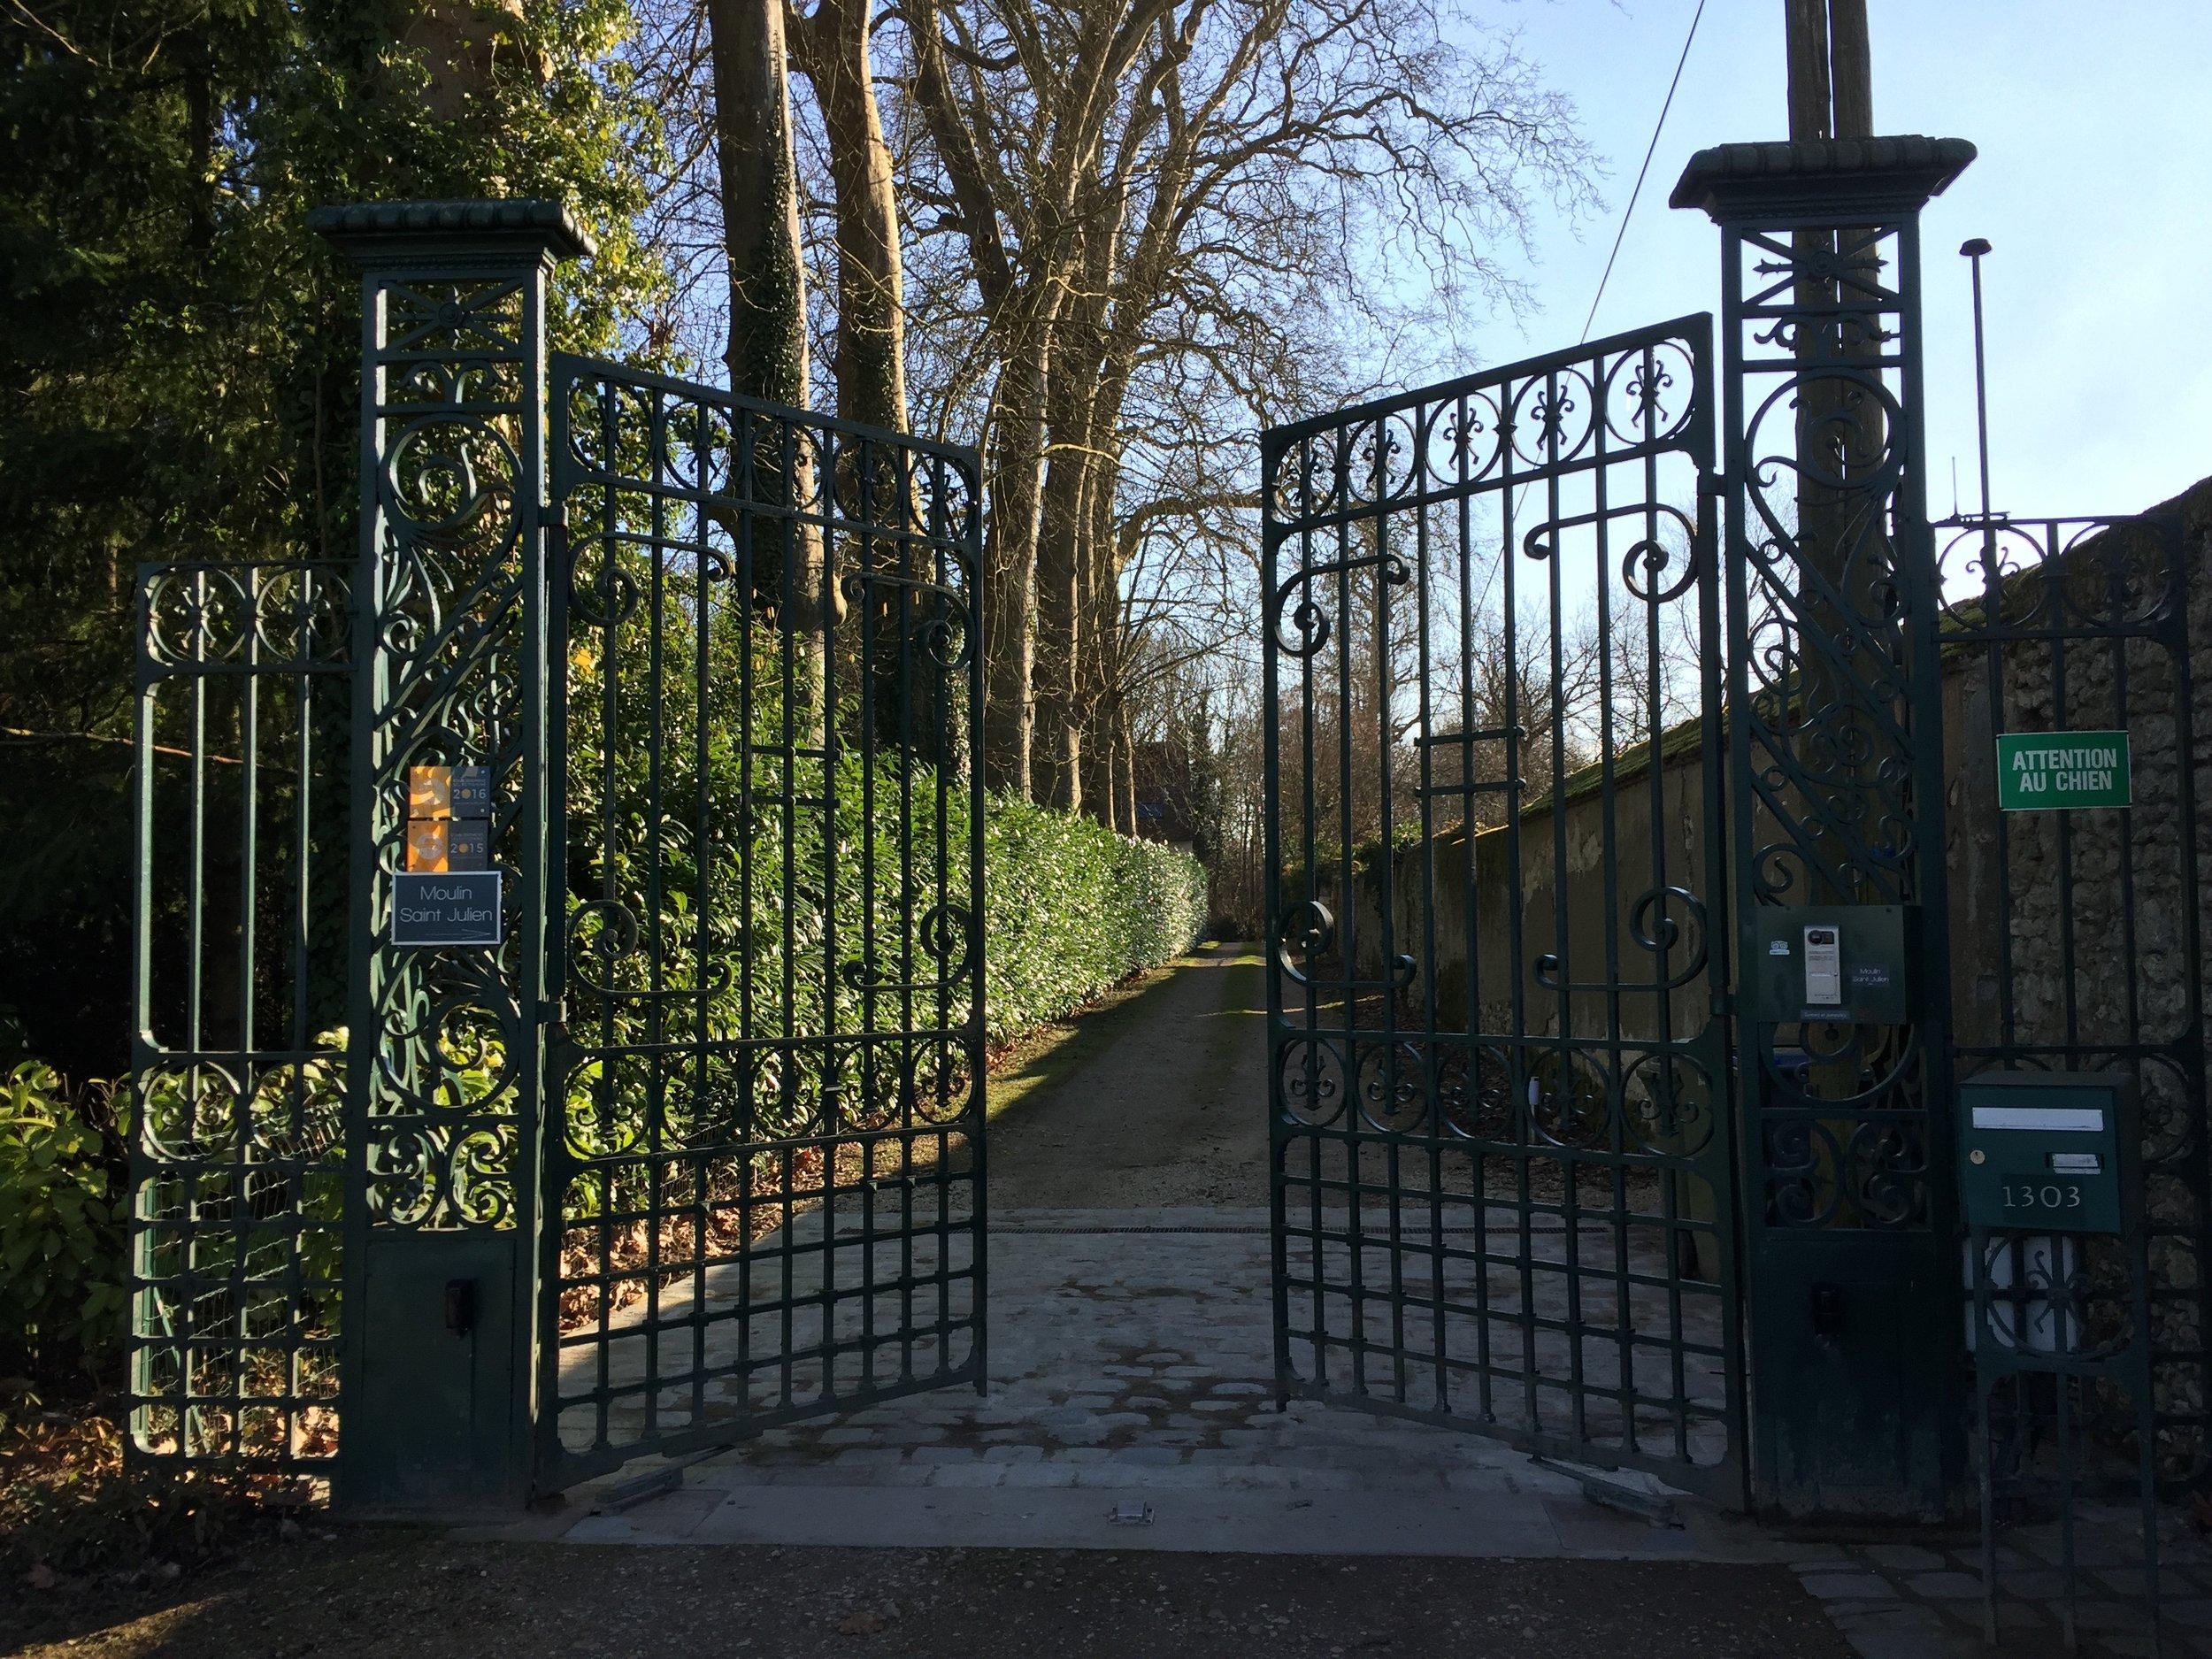 Le portail majestueux